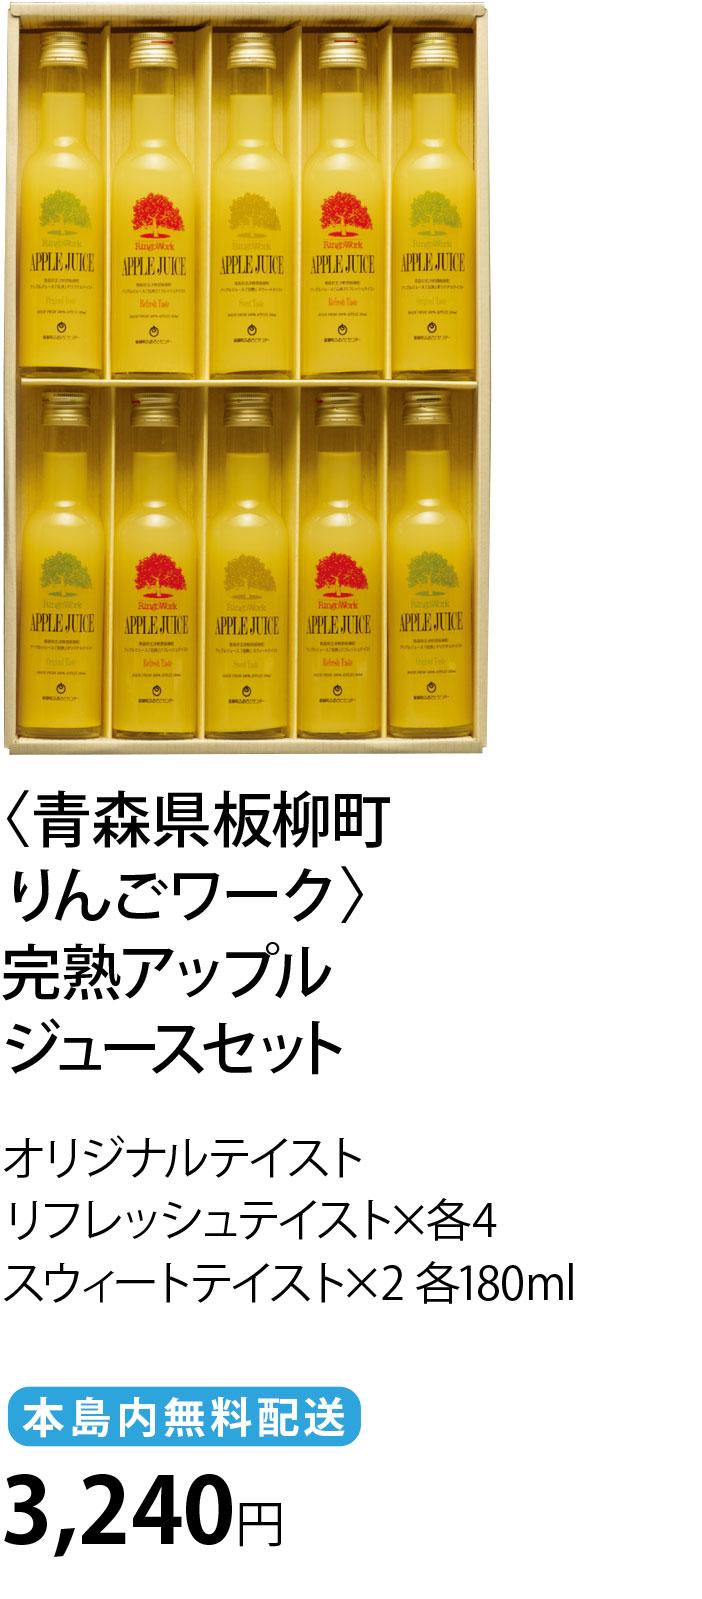 <青森県板柳町りんごワーク>完熟アップルジュースセット